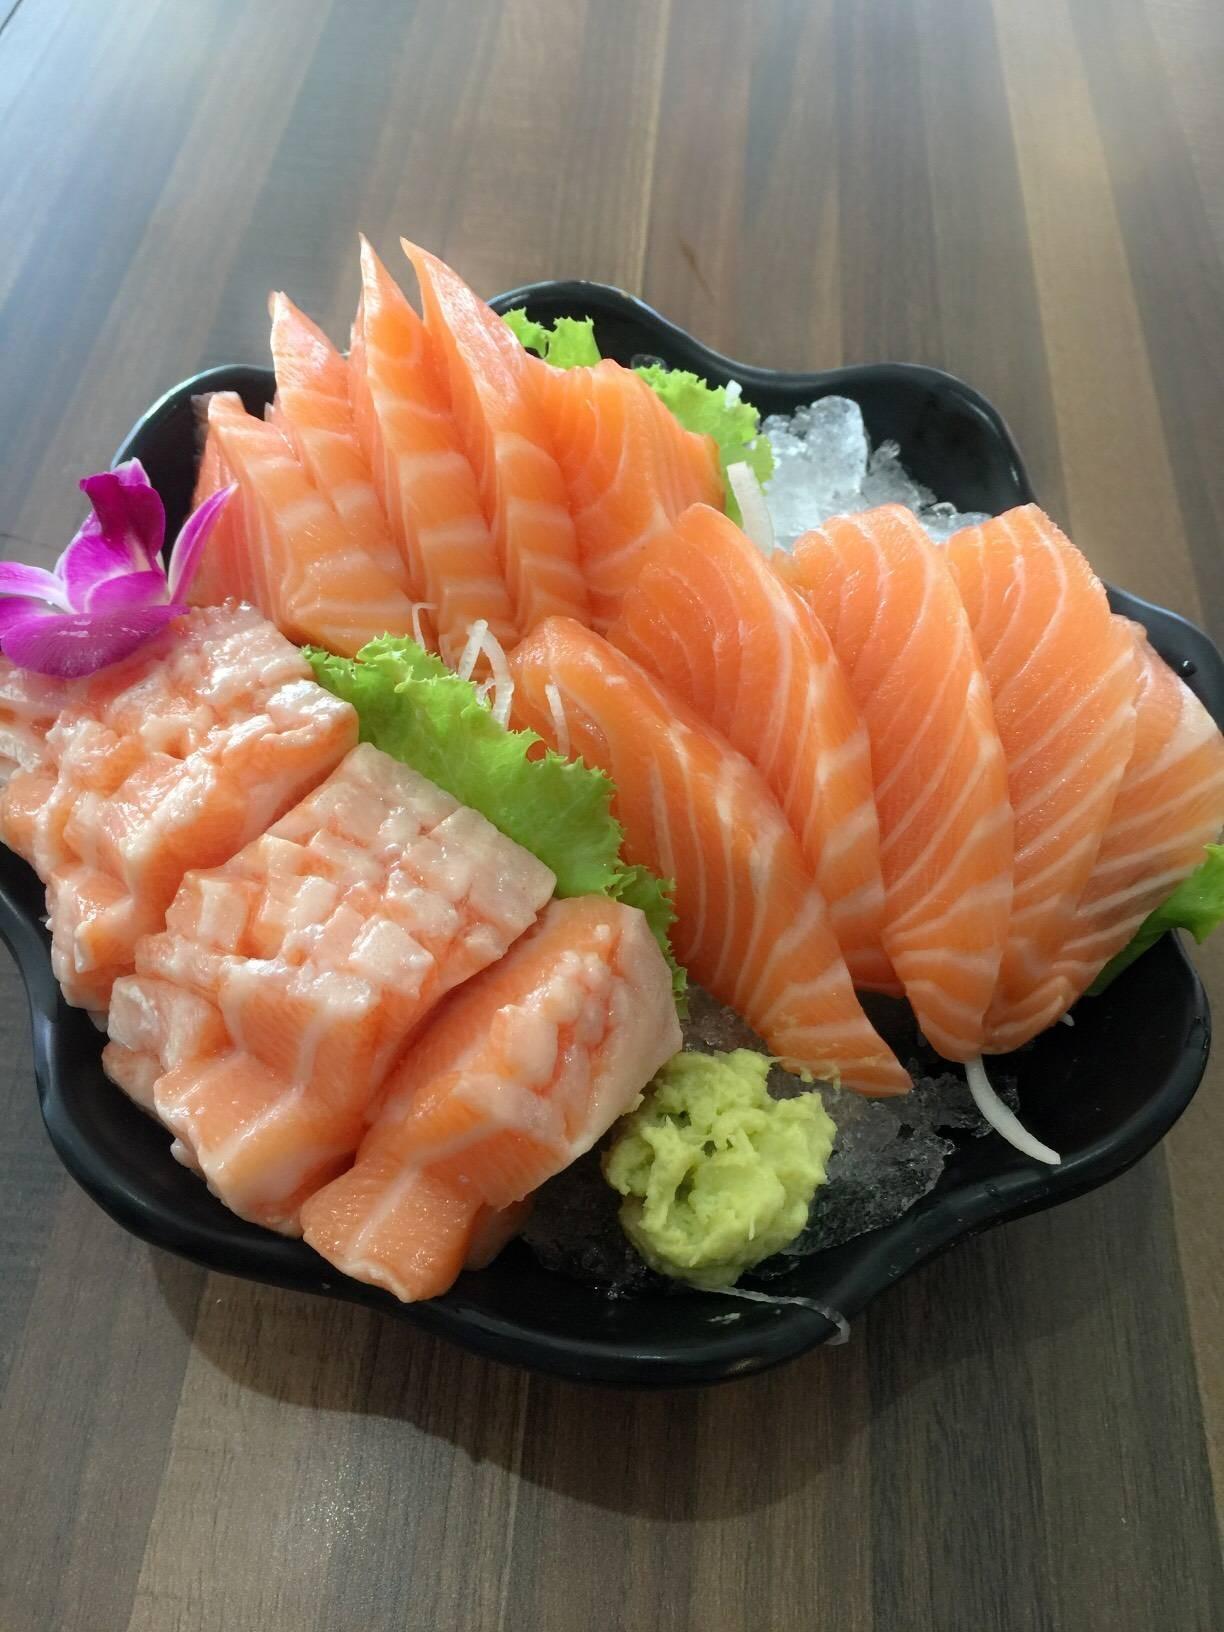 Salmon Sashimi 2 ชุด และ Salmon Toro Sashimi 😇😇